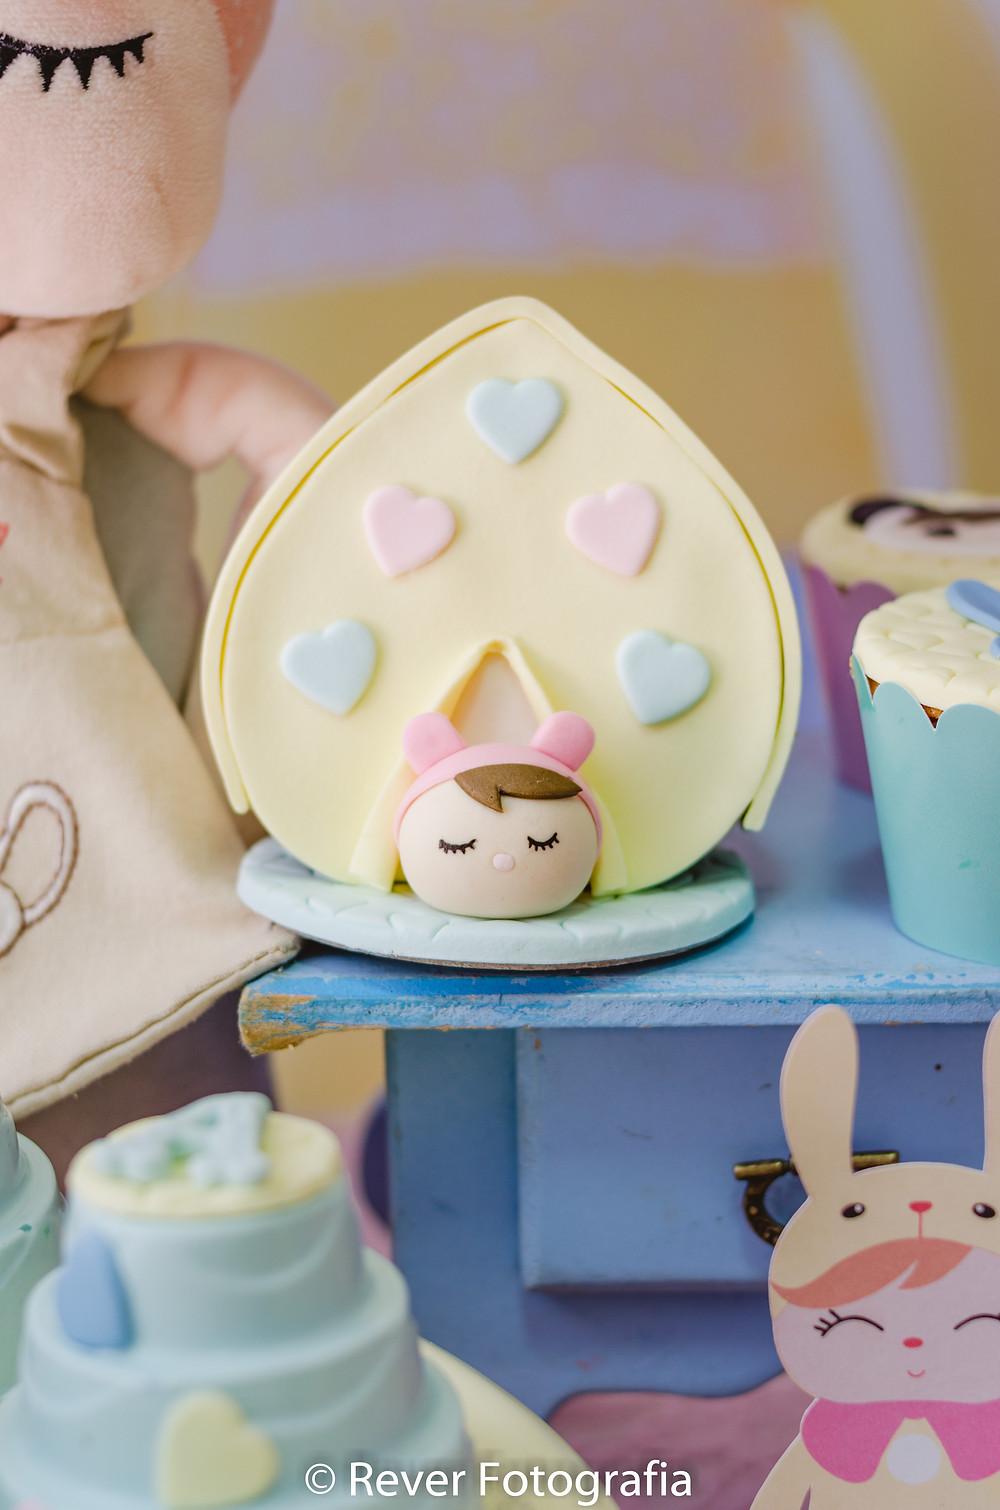 fotografia de festa infantil: doce decorado com tema da me too